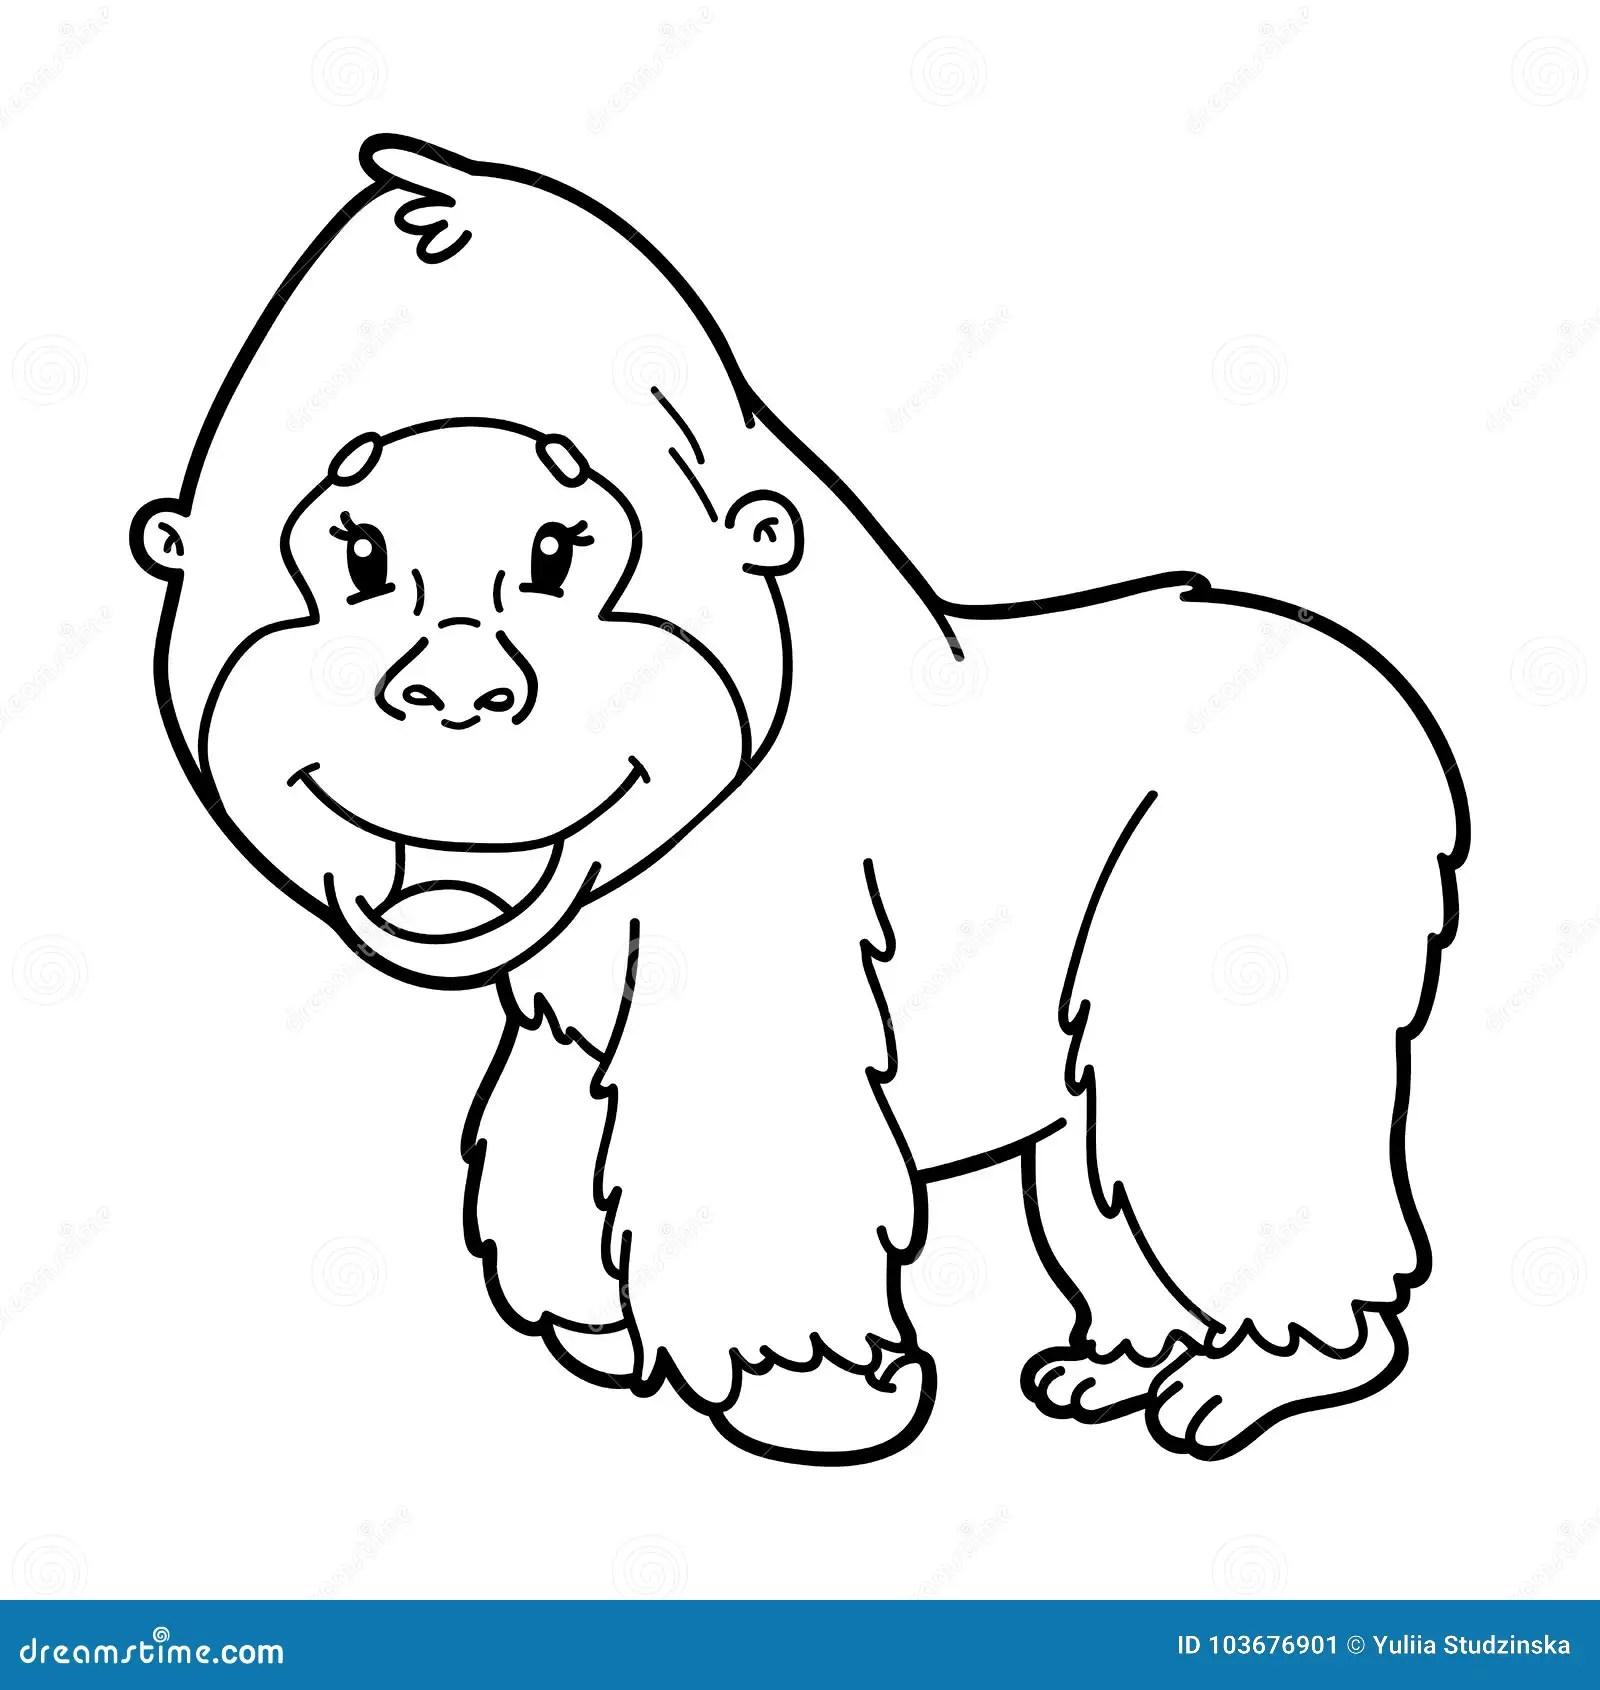 Coloring Page Cartoon Gorilla Stock Vector